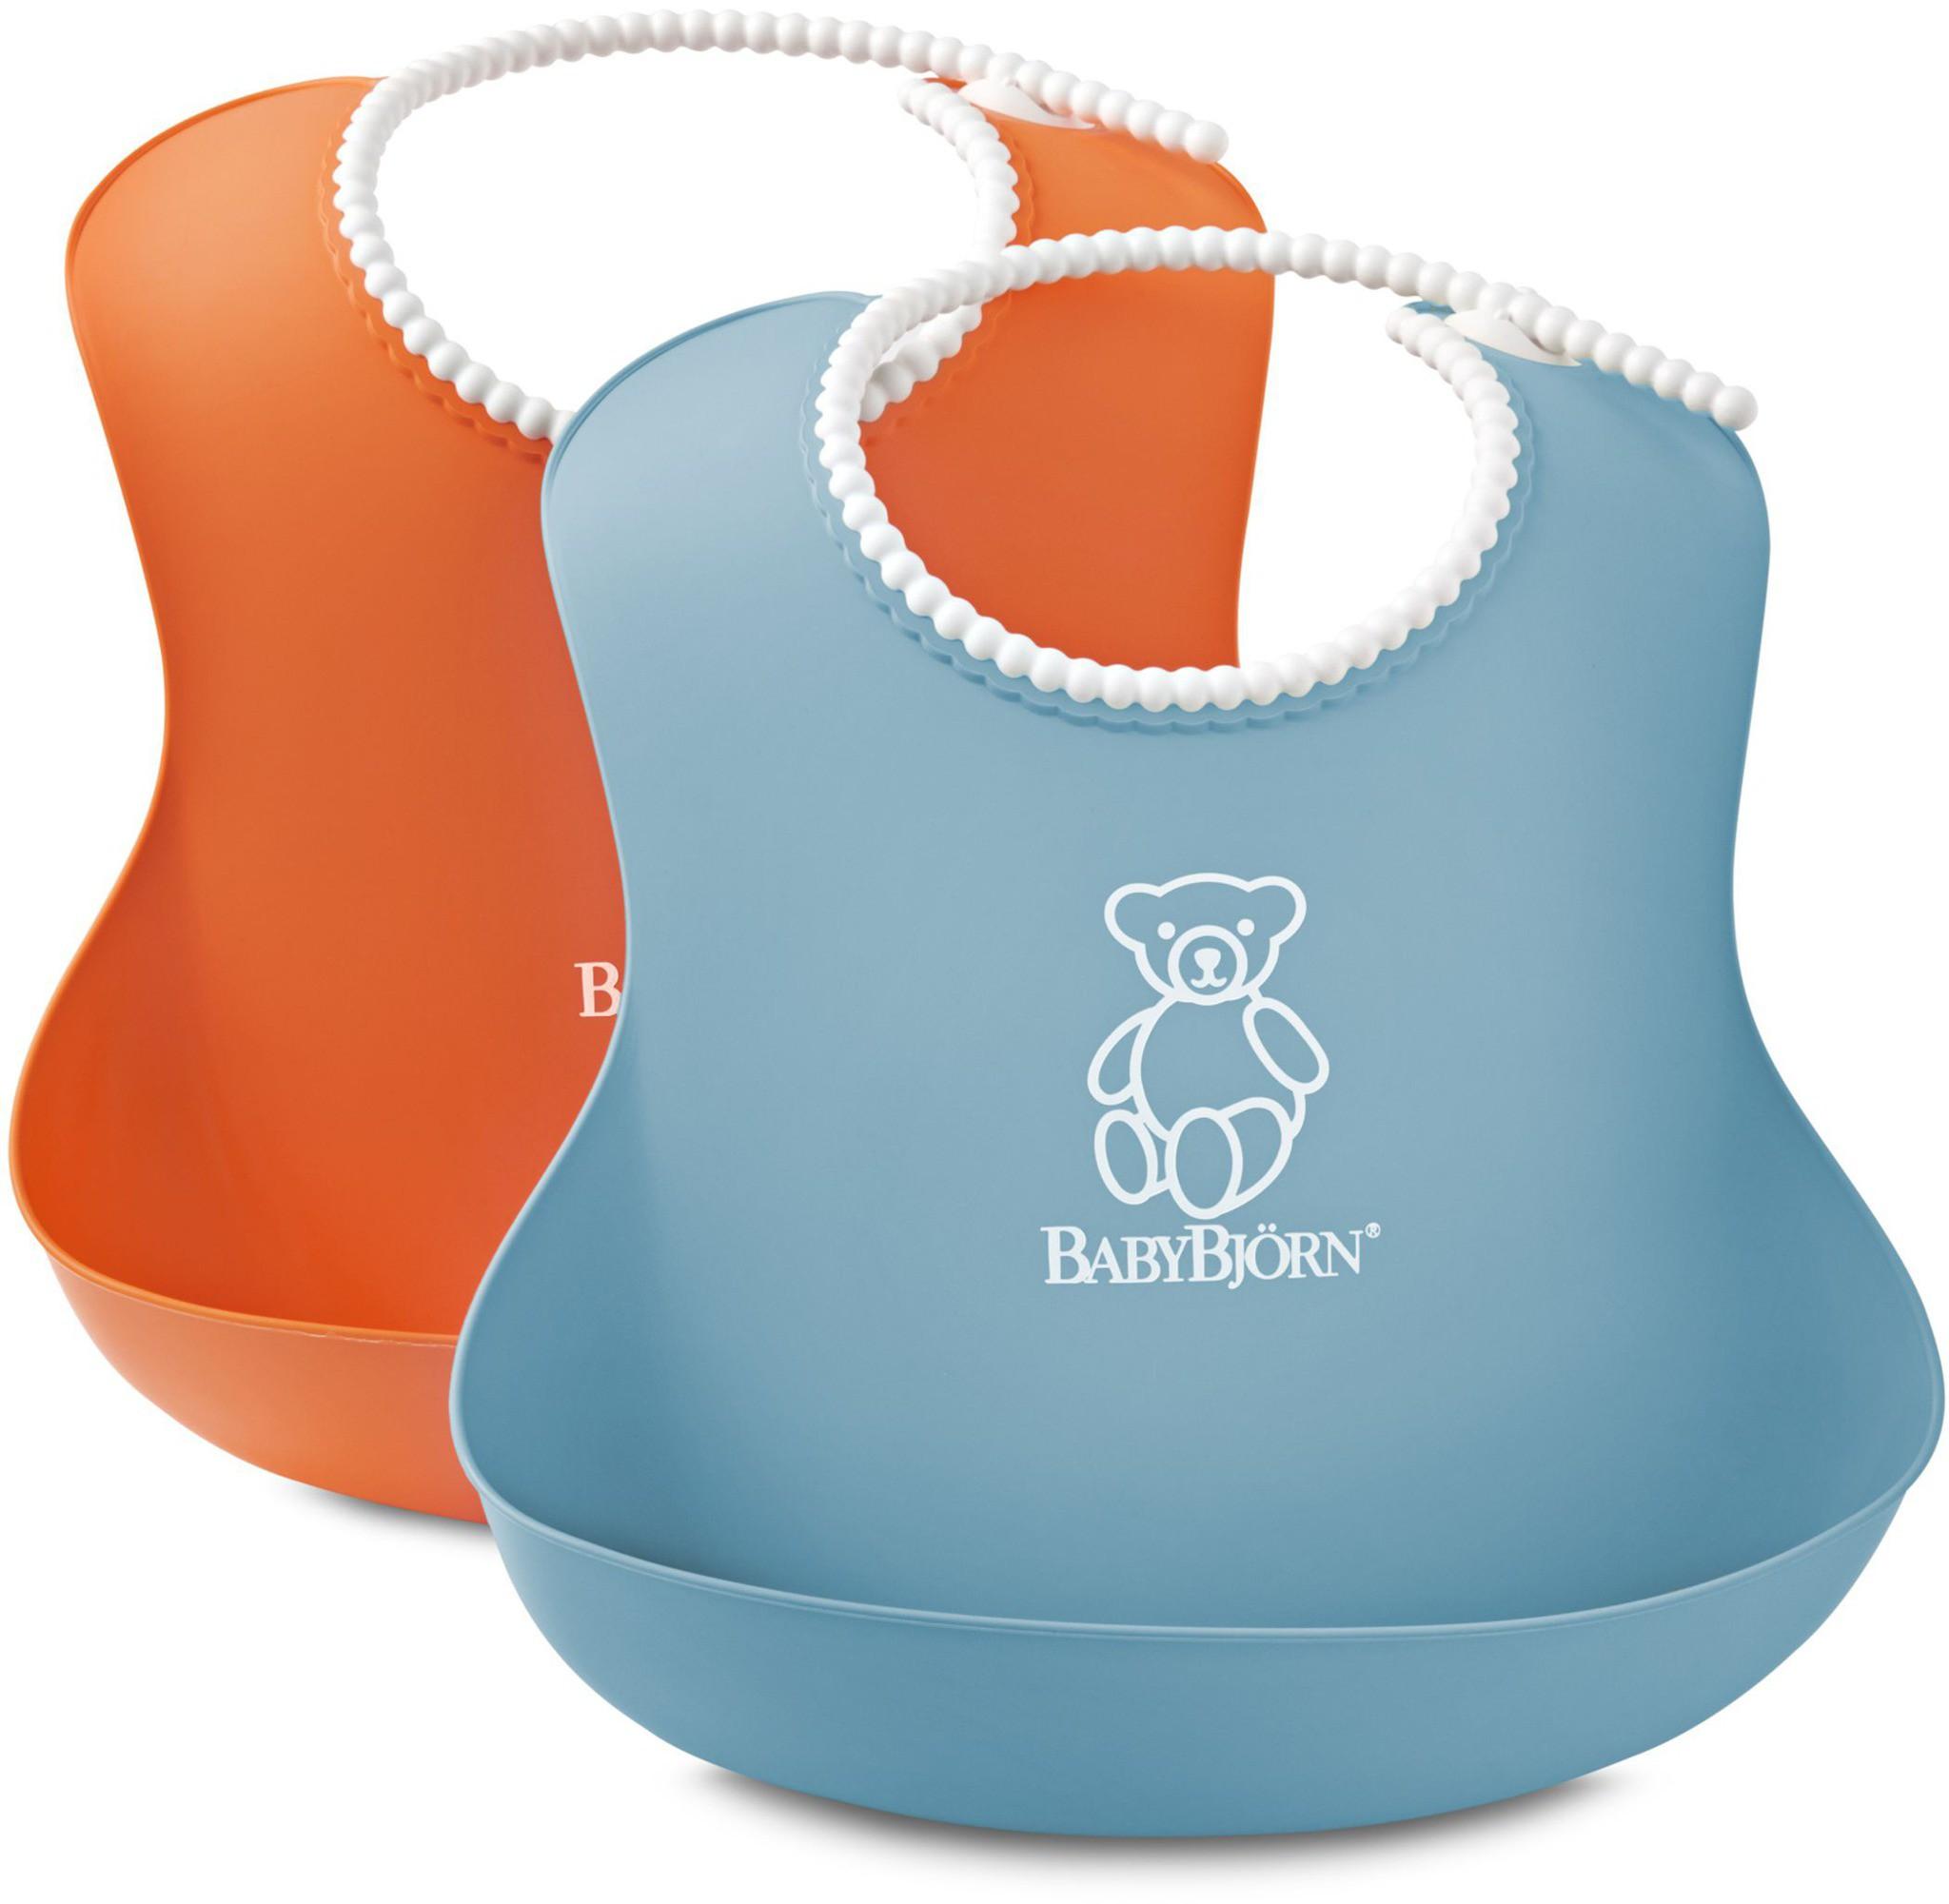 Babybjörn soft bib 2-pack  - orange/turkis, +10 stk. på lager fra Babybjã–rn fra pixizoo